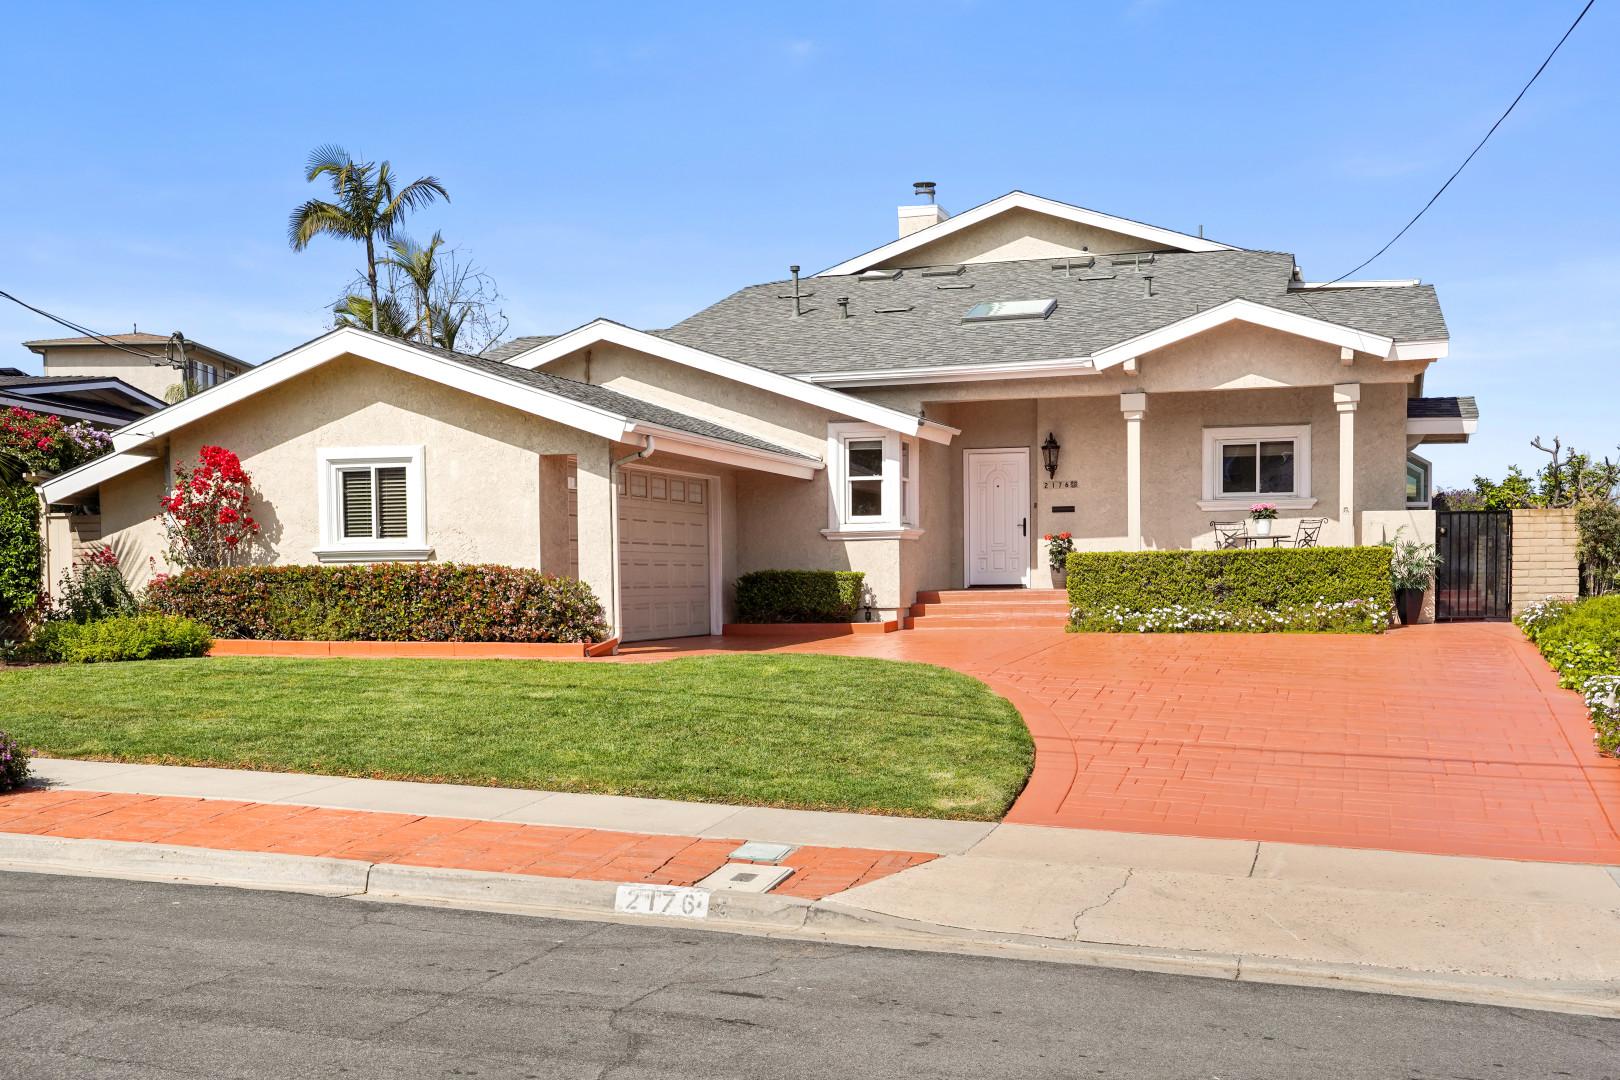 2176 Dunhaven St, San Diego, California 92110